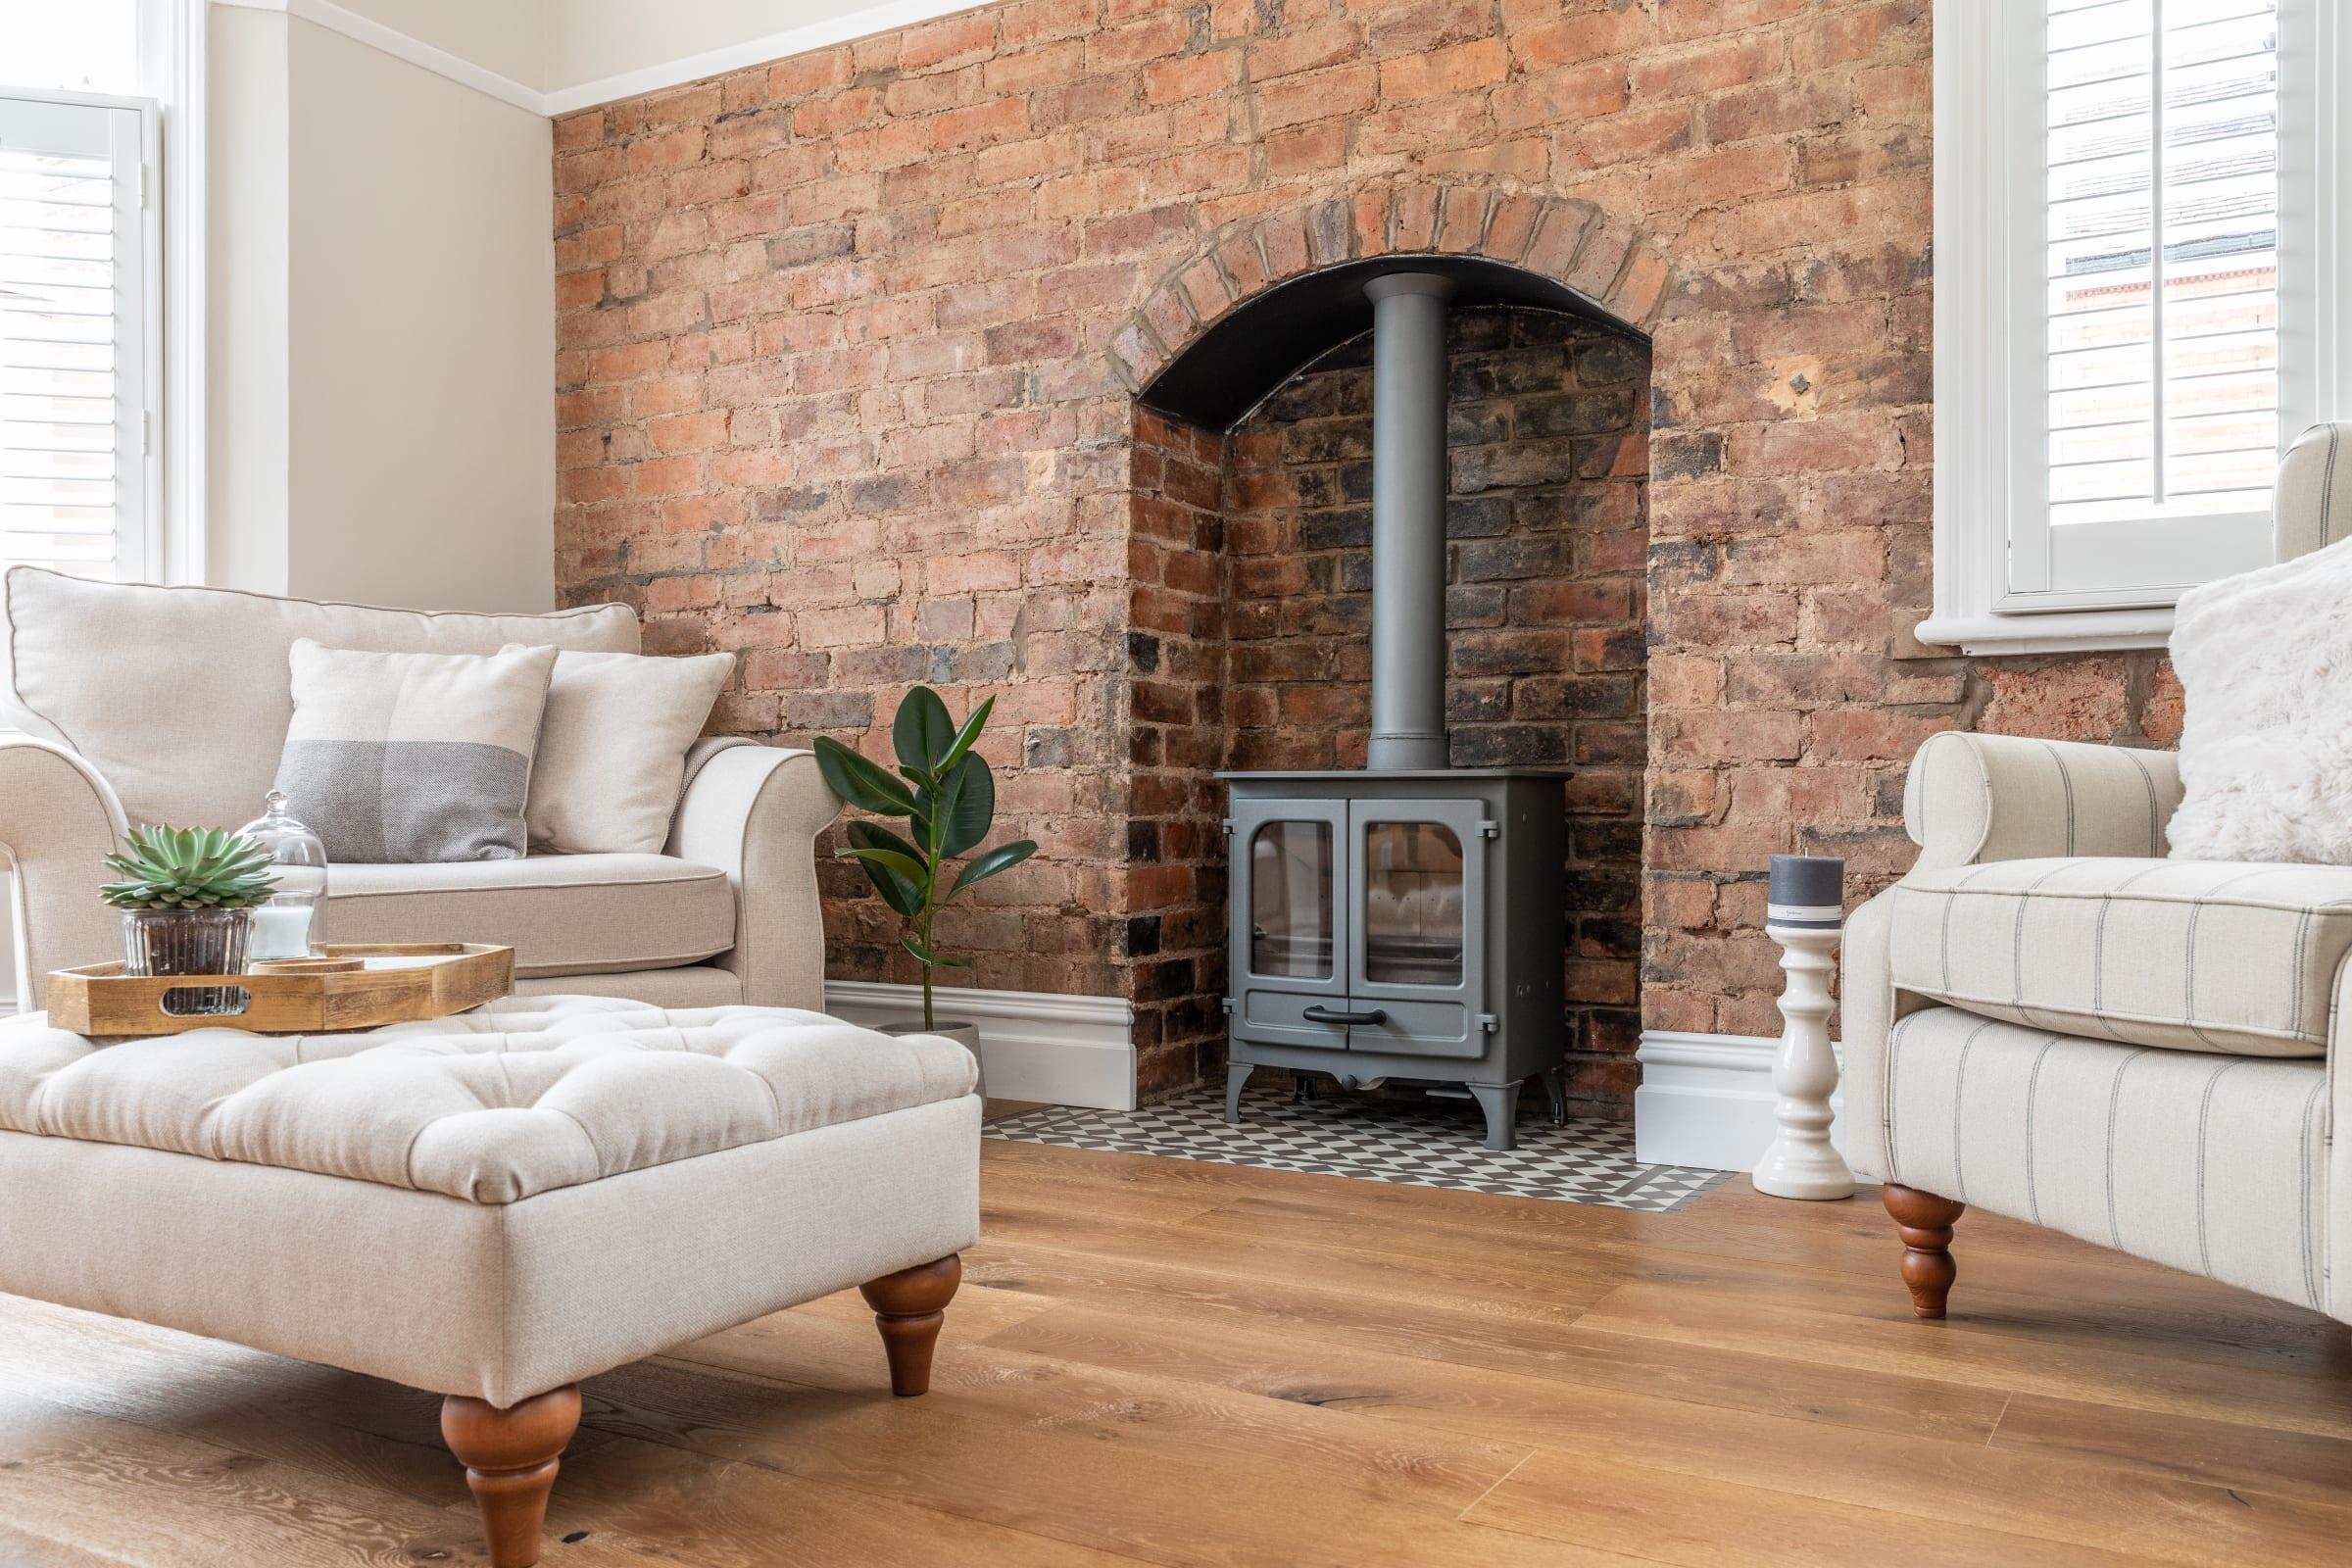 log burner and exposed brick